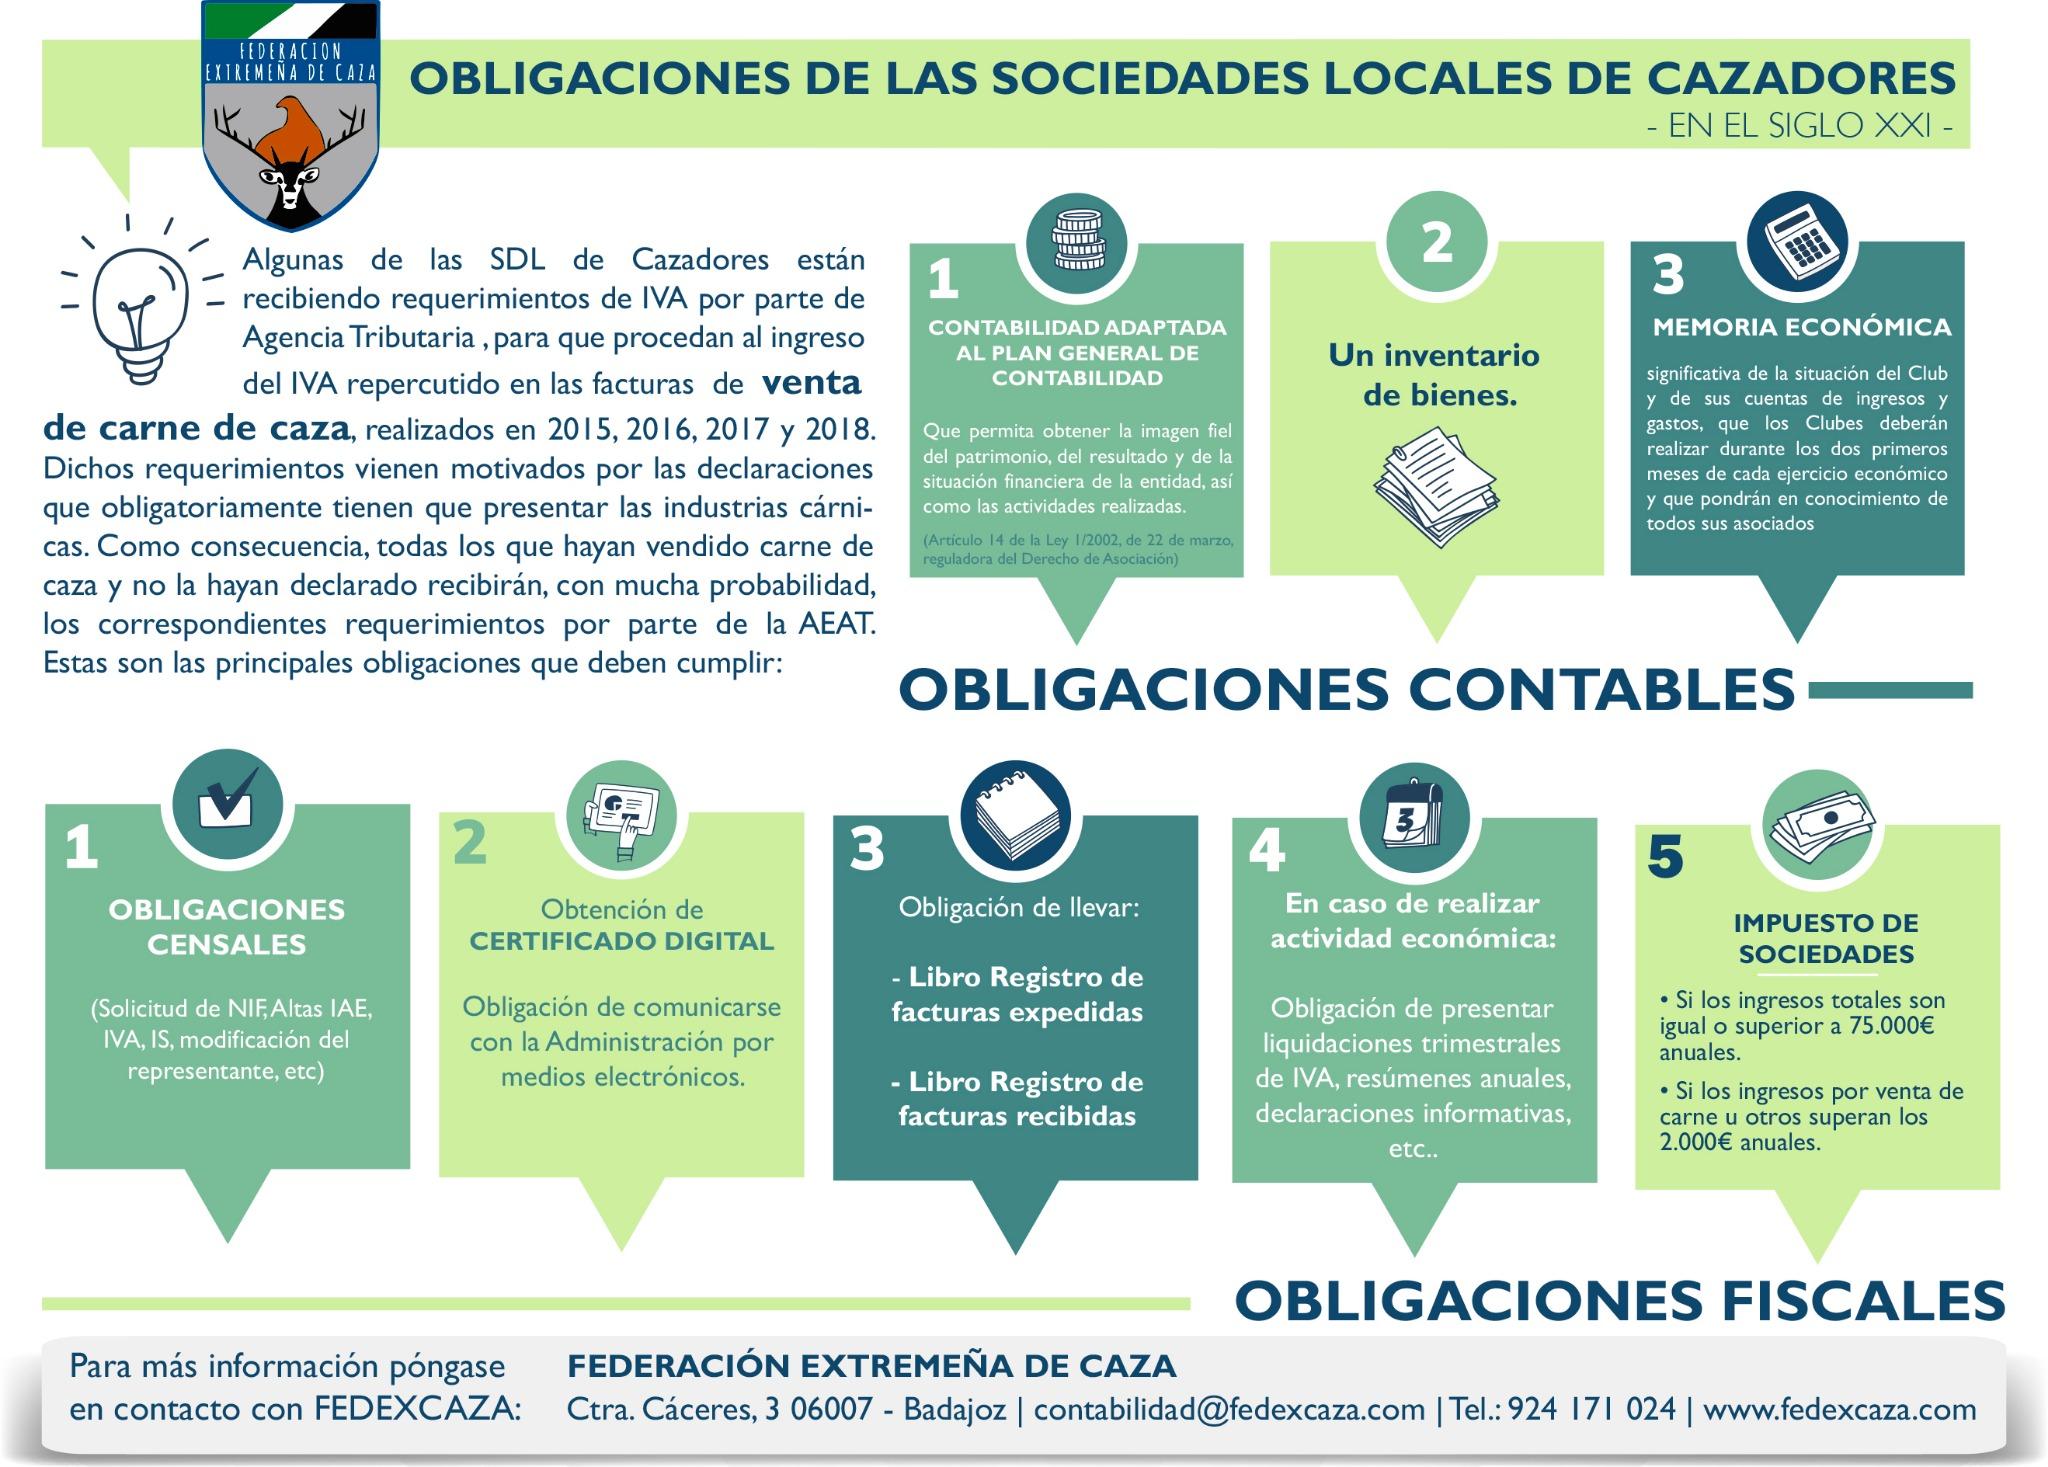 Fedexcaza informa sobre las obligaciones que deben cumplir las sociedades locales de cazadores